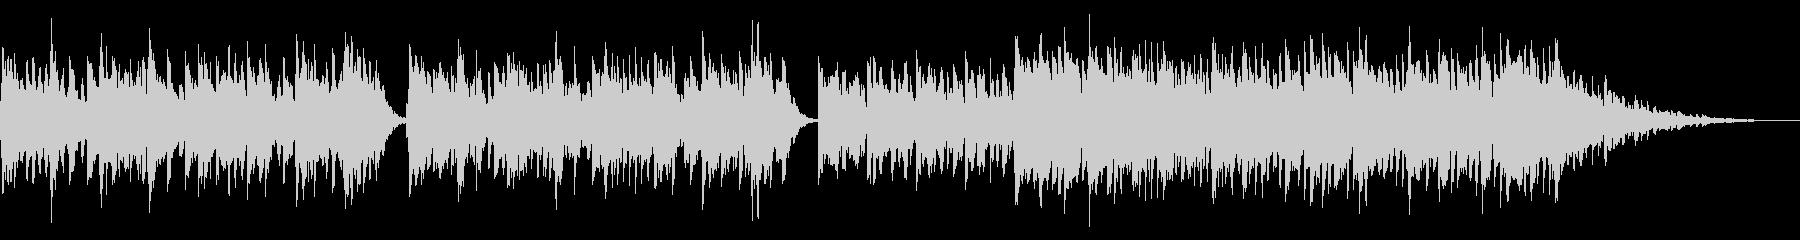 動画BGM用のピアノ曲(エレピ)の未再生の波形